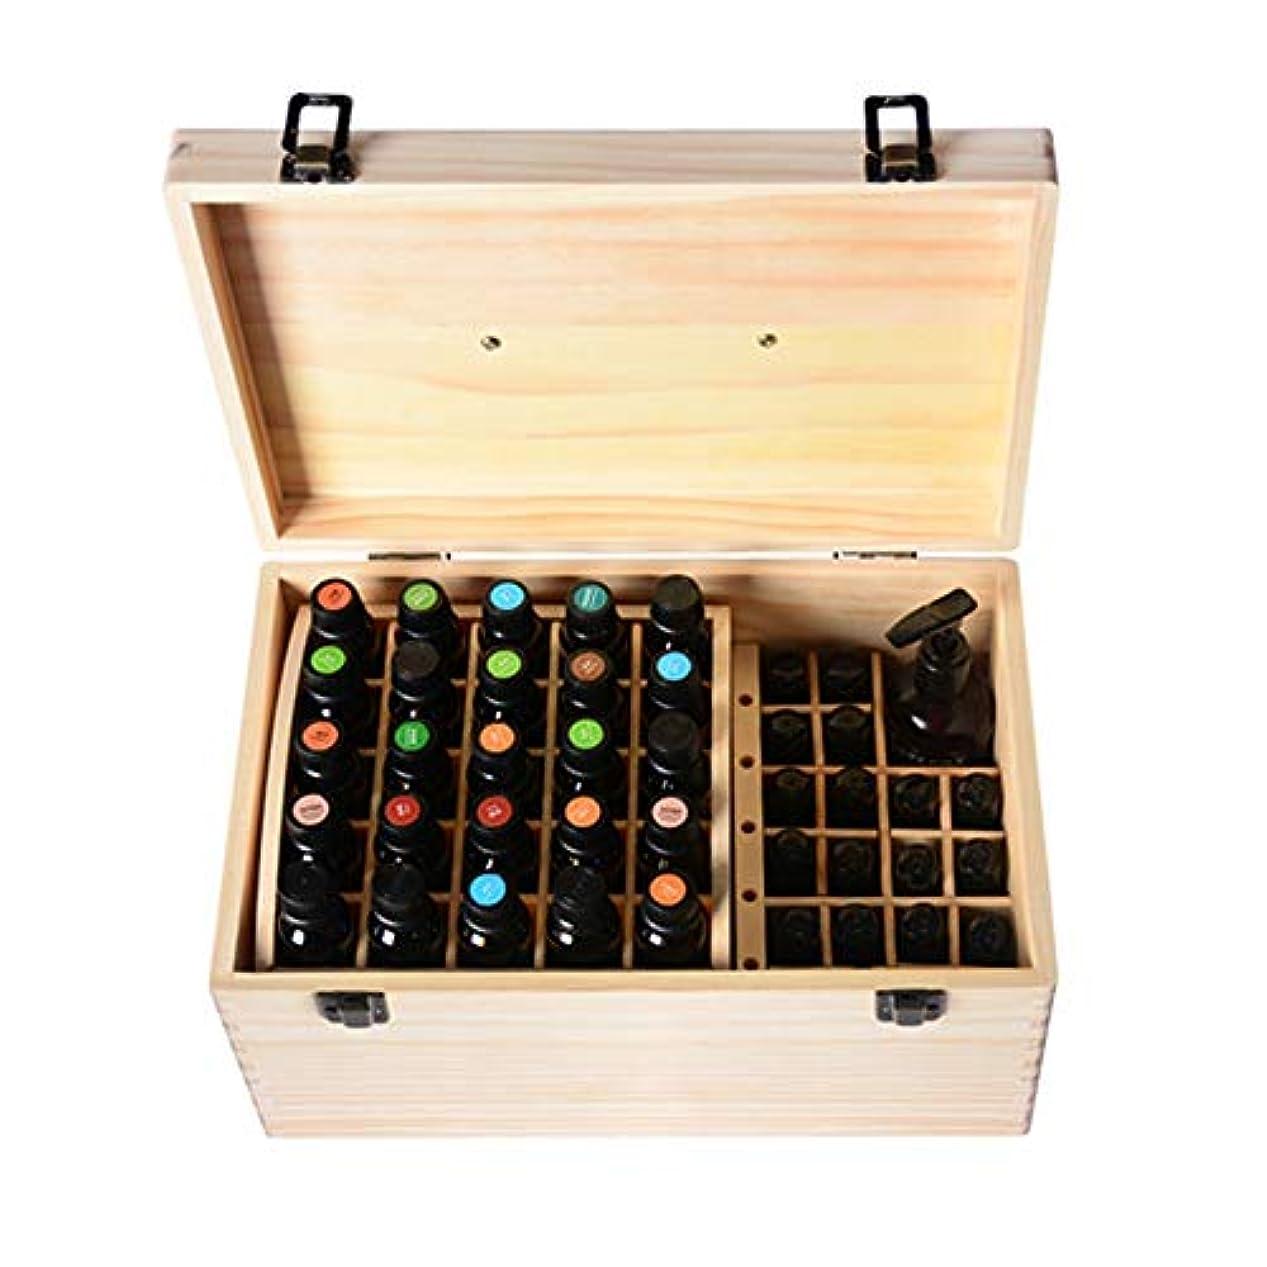 第五捨てる図書館精油ケース 74スロット木エッセンシャルオイルボックス収納ケース内部のリムーバブルは15/10 M1のボトルナチュラルパインを開催します 携帯便利 (色 : Natural, サイズ : 35X20X16.5CM)